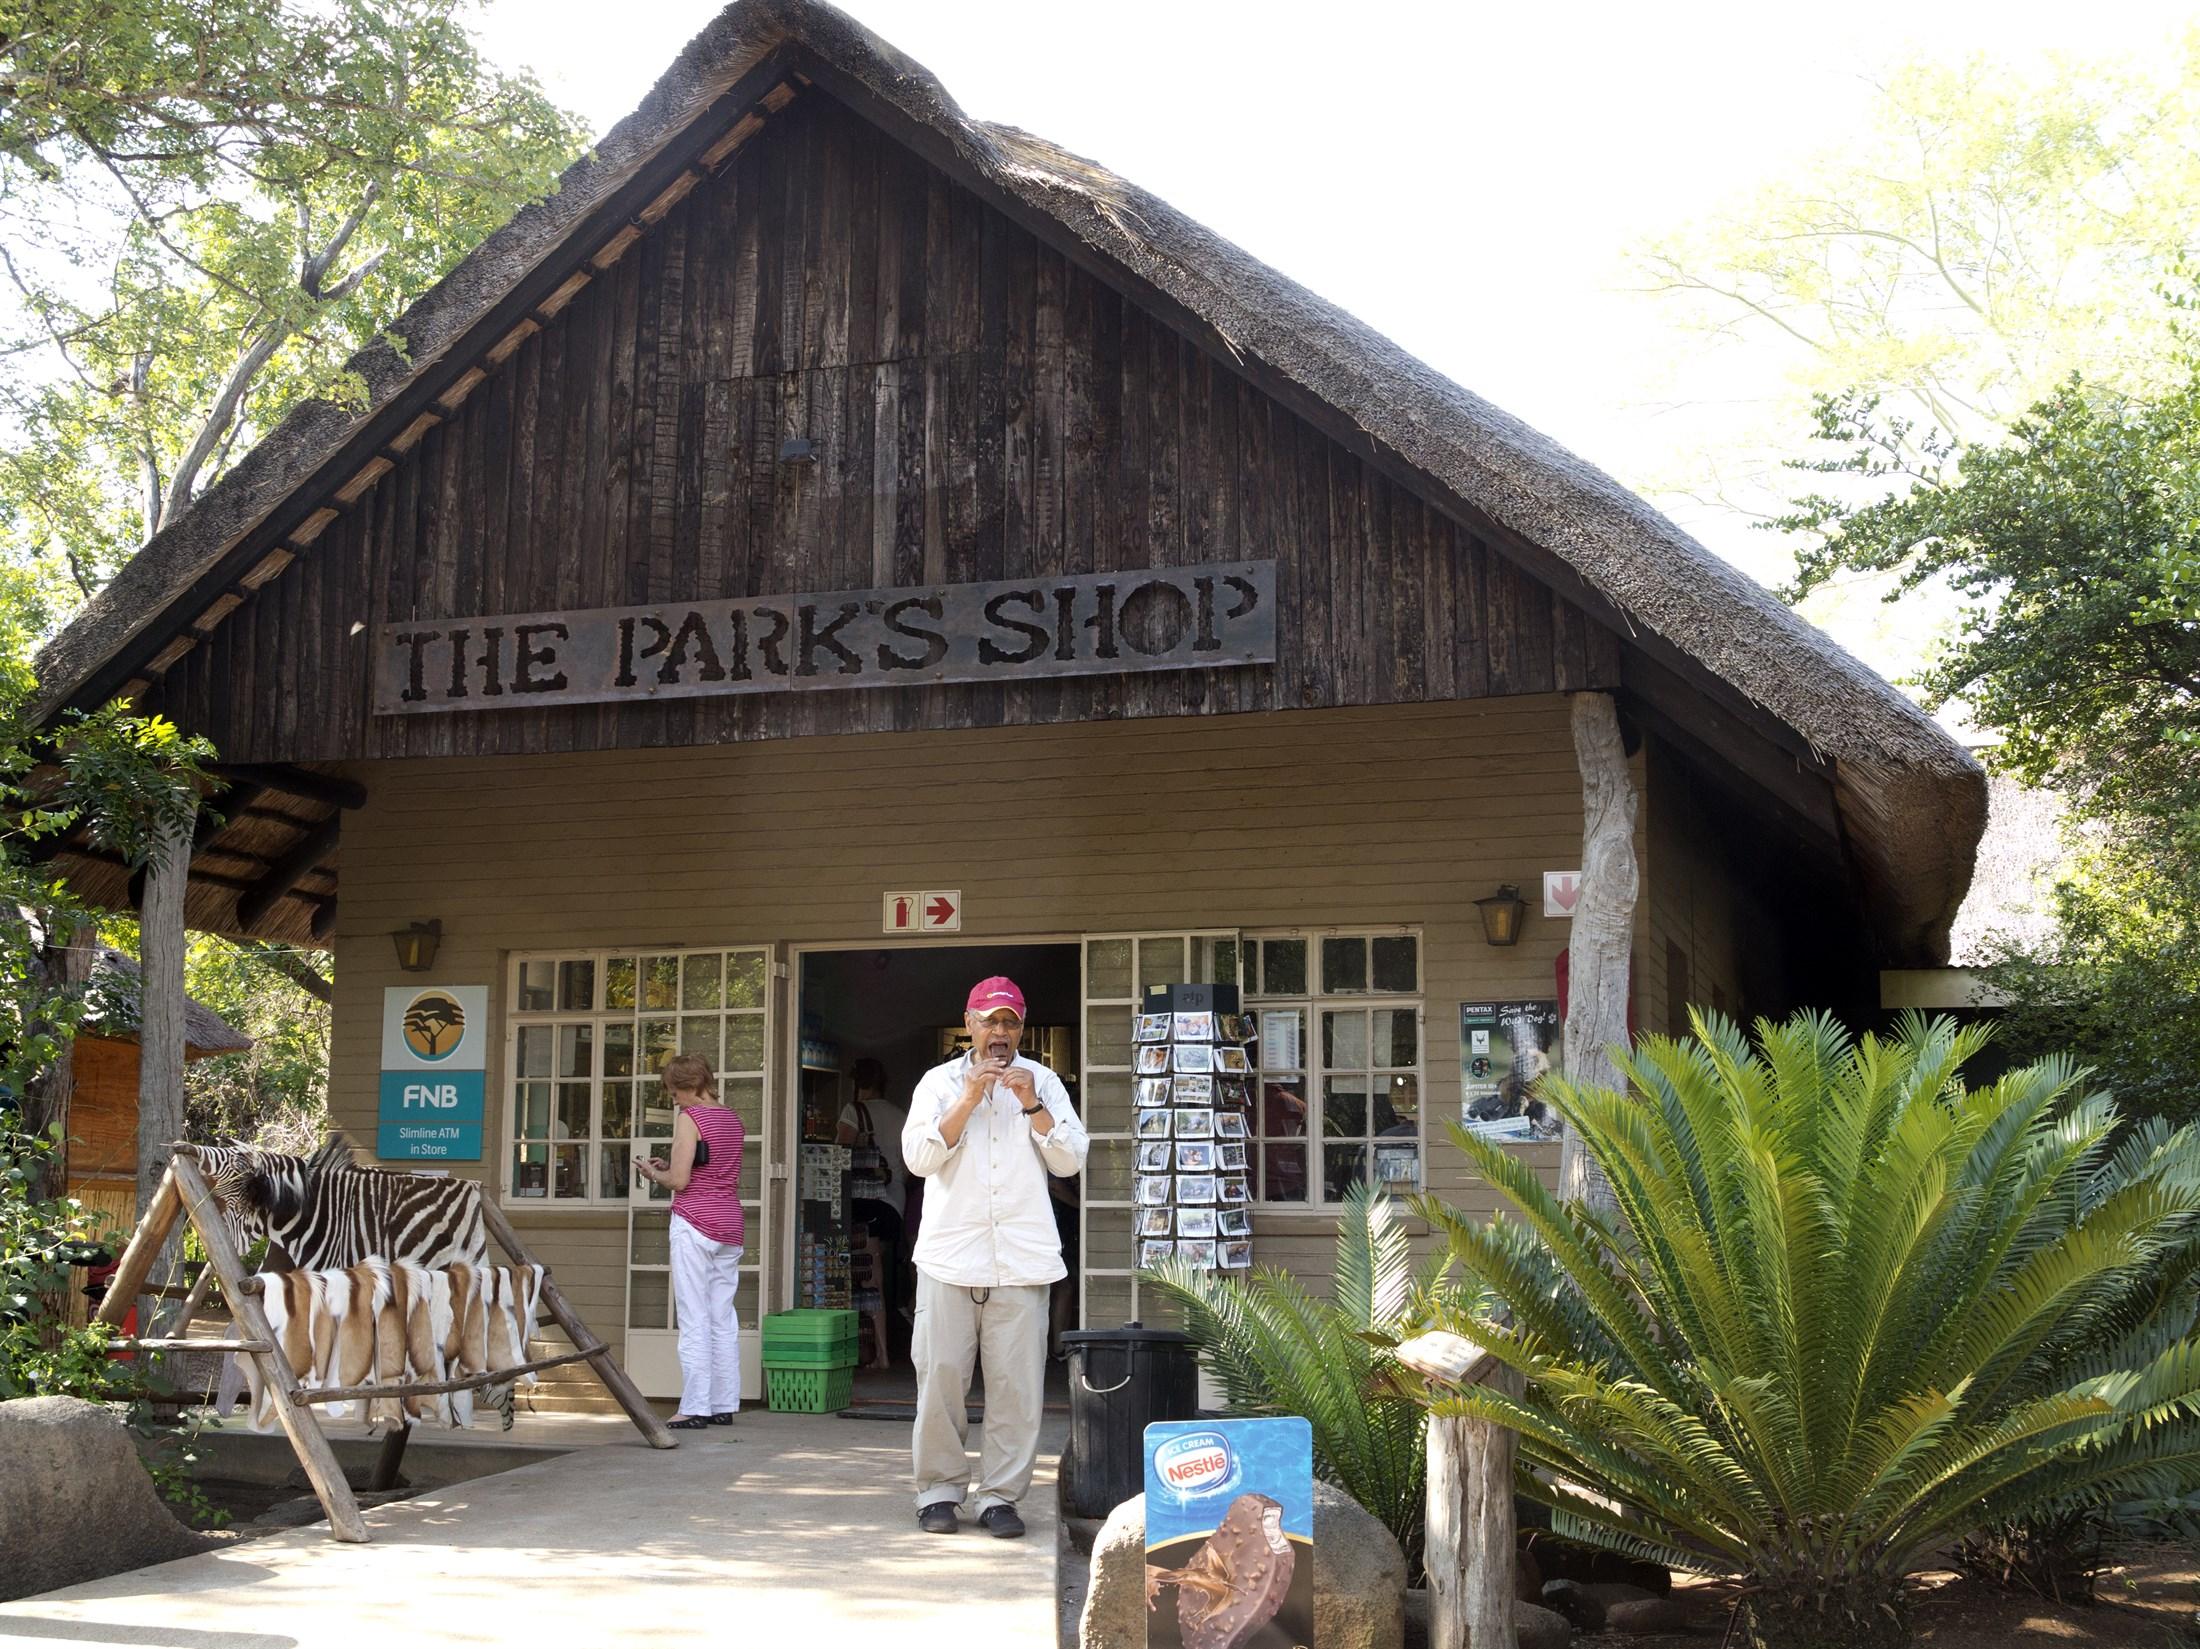 The Park's Shop